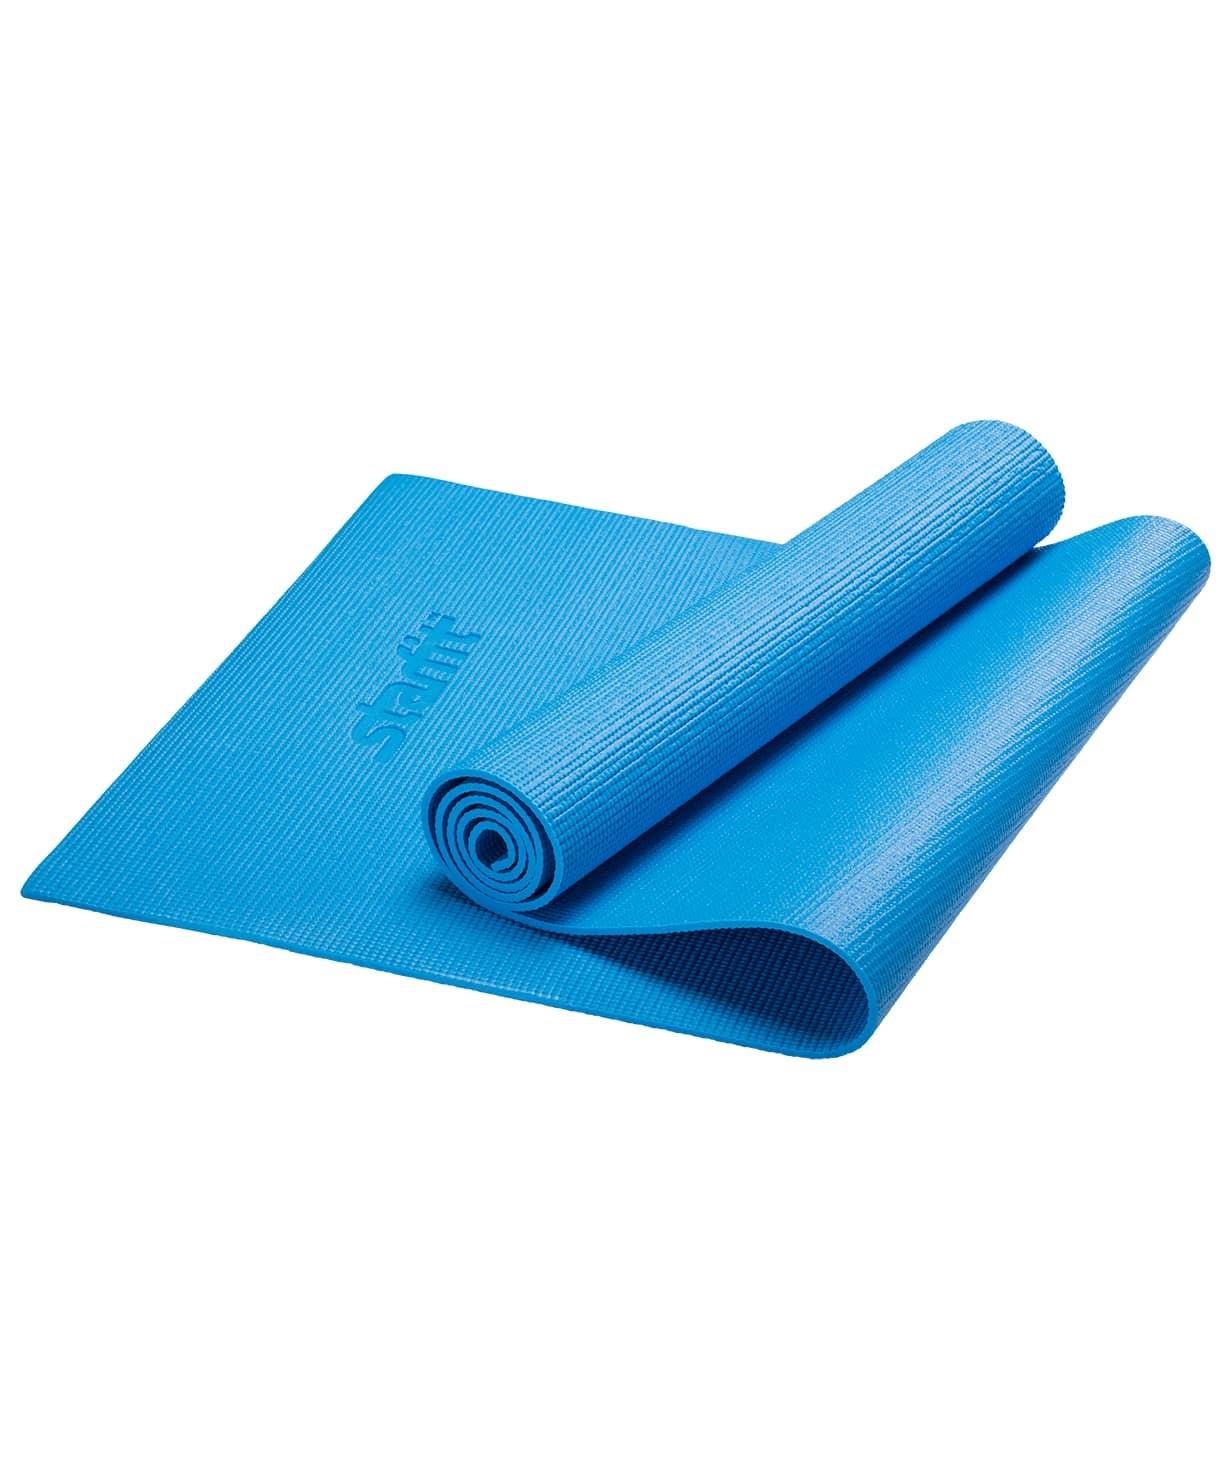 Коврик для йоги STARFIT FM-101 PVC 173x61x0,3 см, синий 1/20